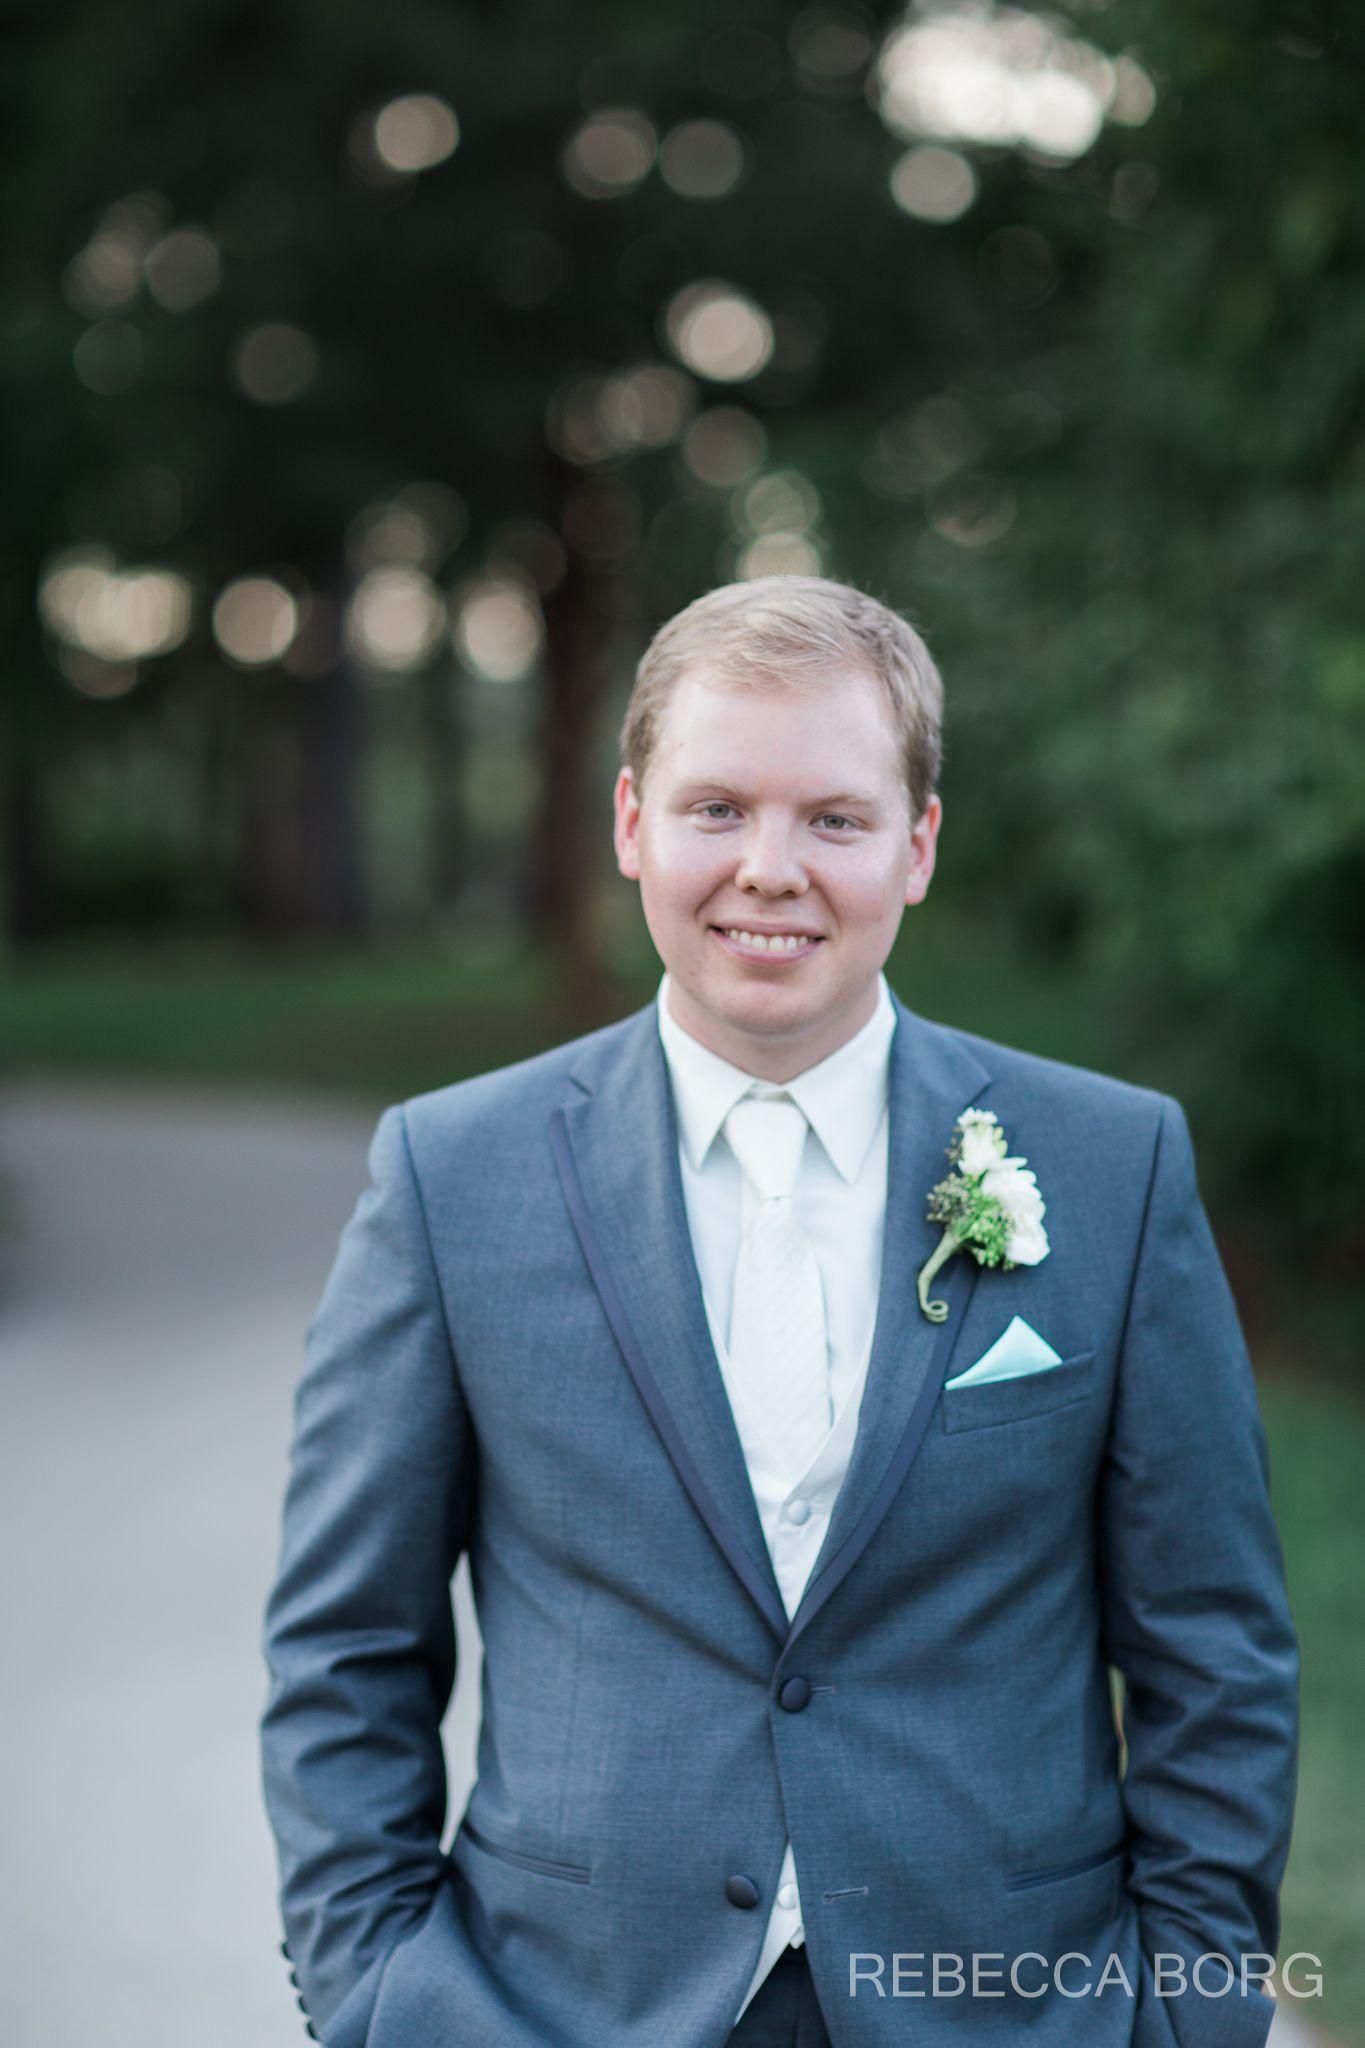 picture of the groom at morton arboretum wedding | Morton Arboretum ...